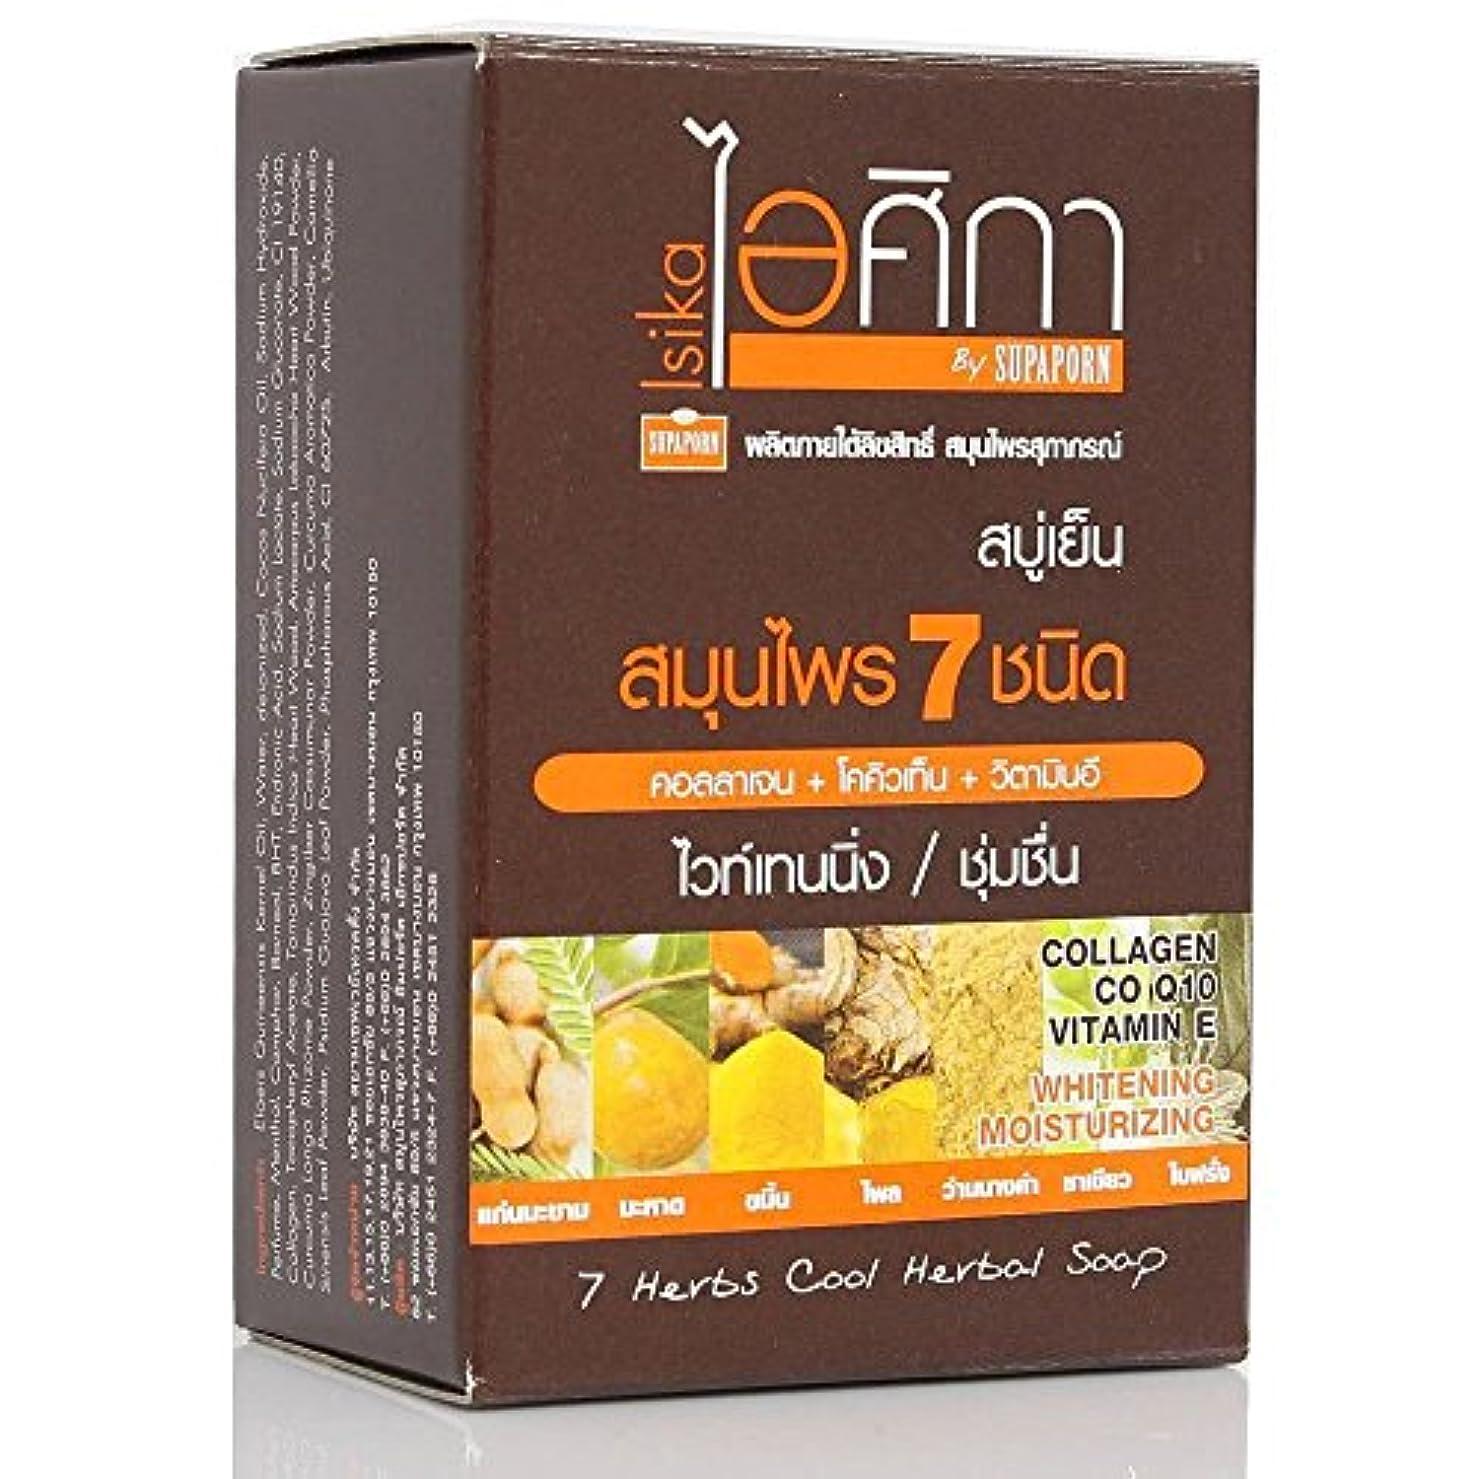 犯人必要とする死にかけているIsika 7 herbs Cool Herbal Soap with Collagen, Co-enzyme Q10, Vitamin E 100g